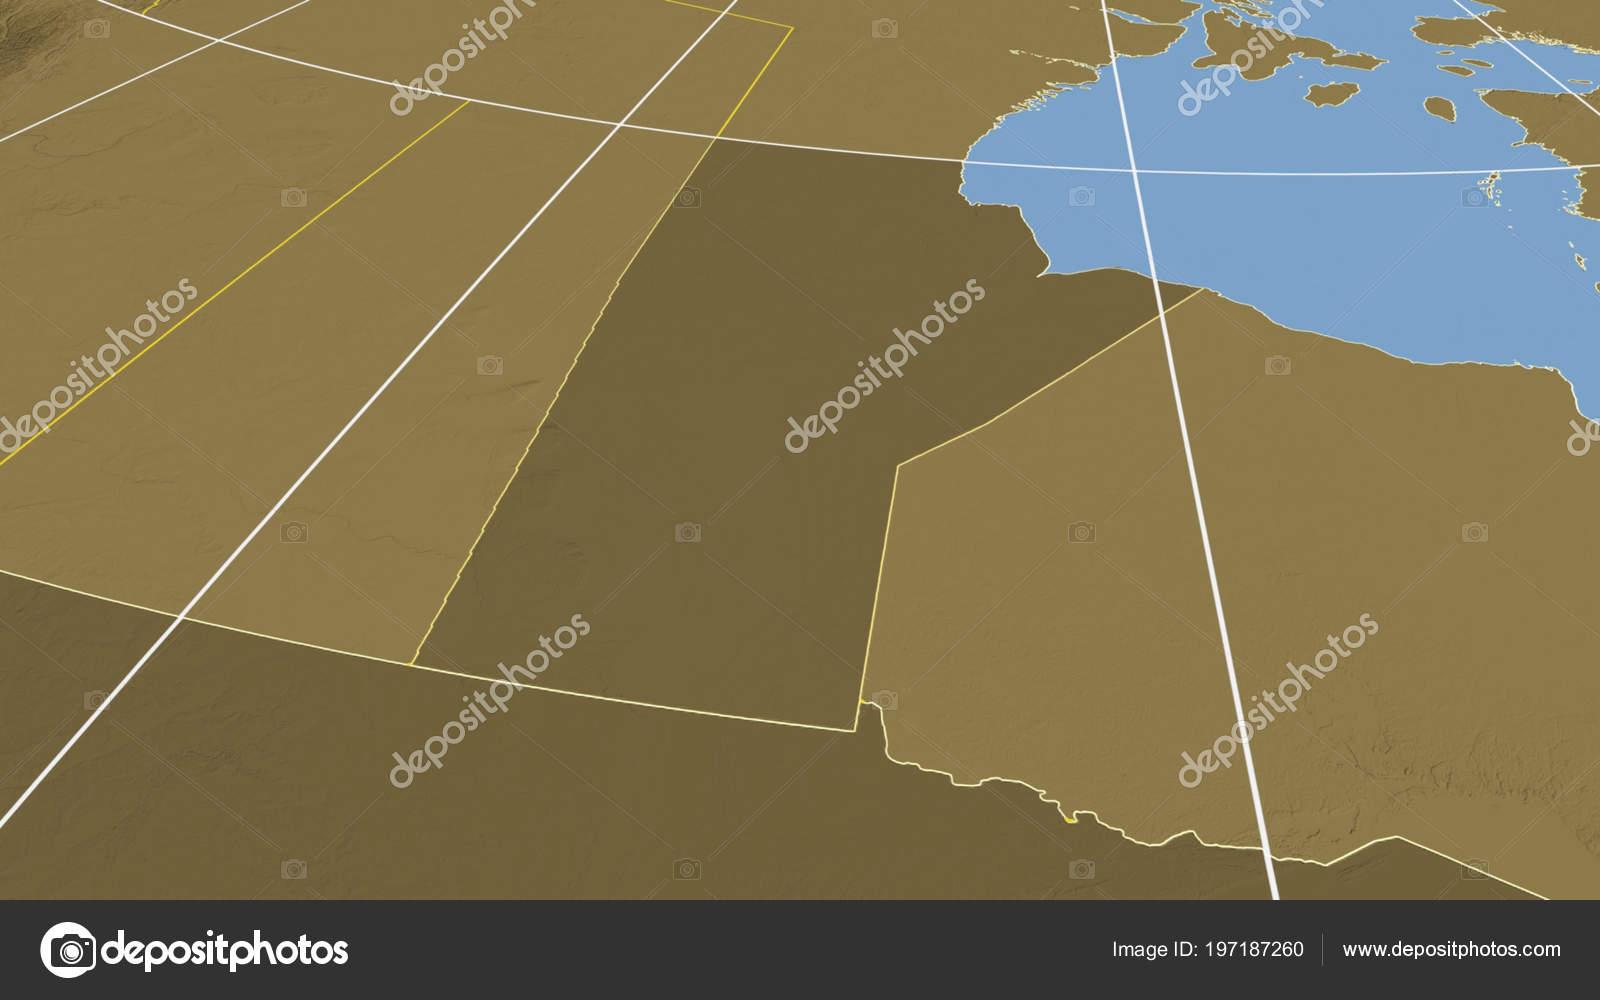 Carte Canada Manitoba.Manitoba Region Canada Decrites Carte Aide Inspiratoire Avec